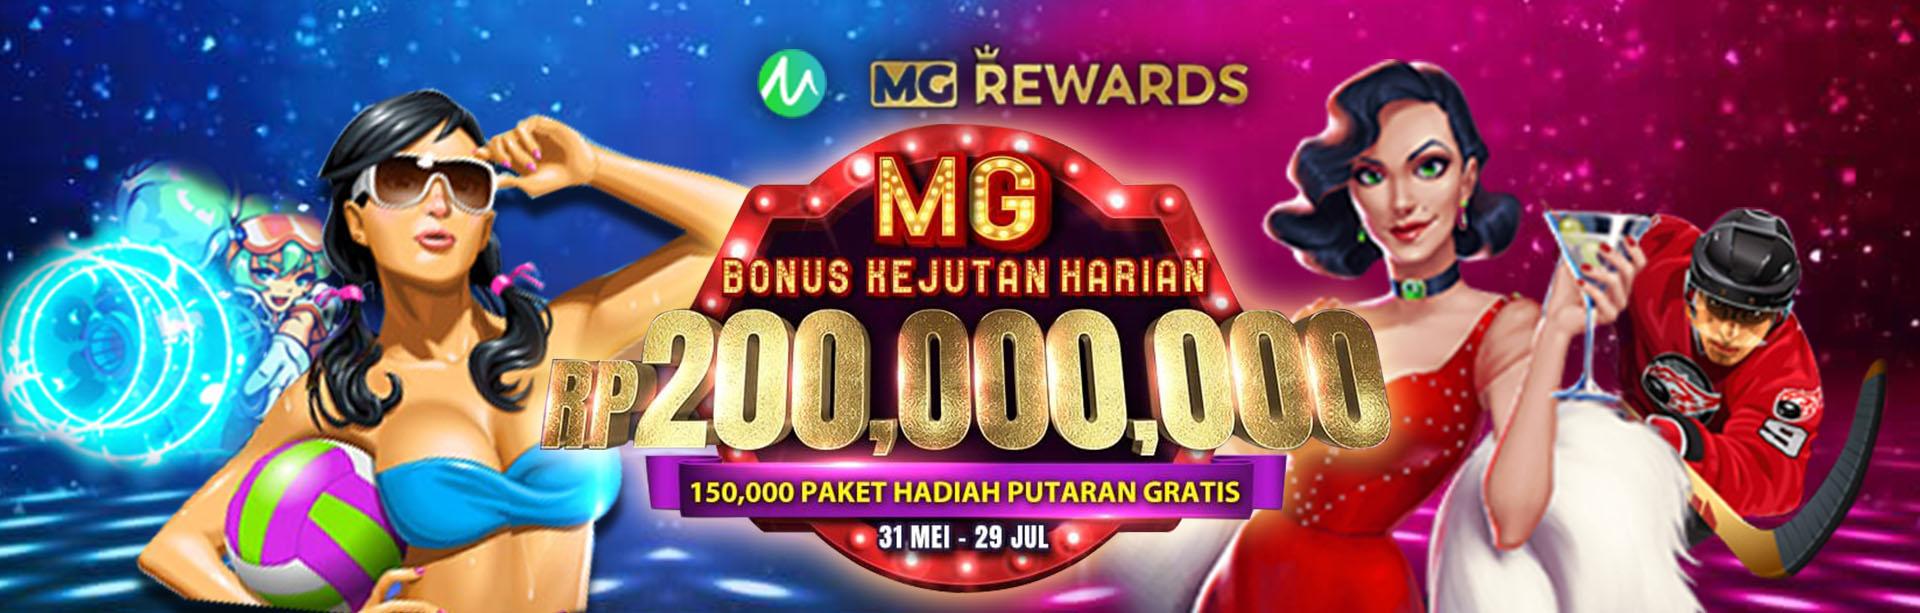 MG Daily Bonus Drop